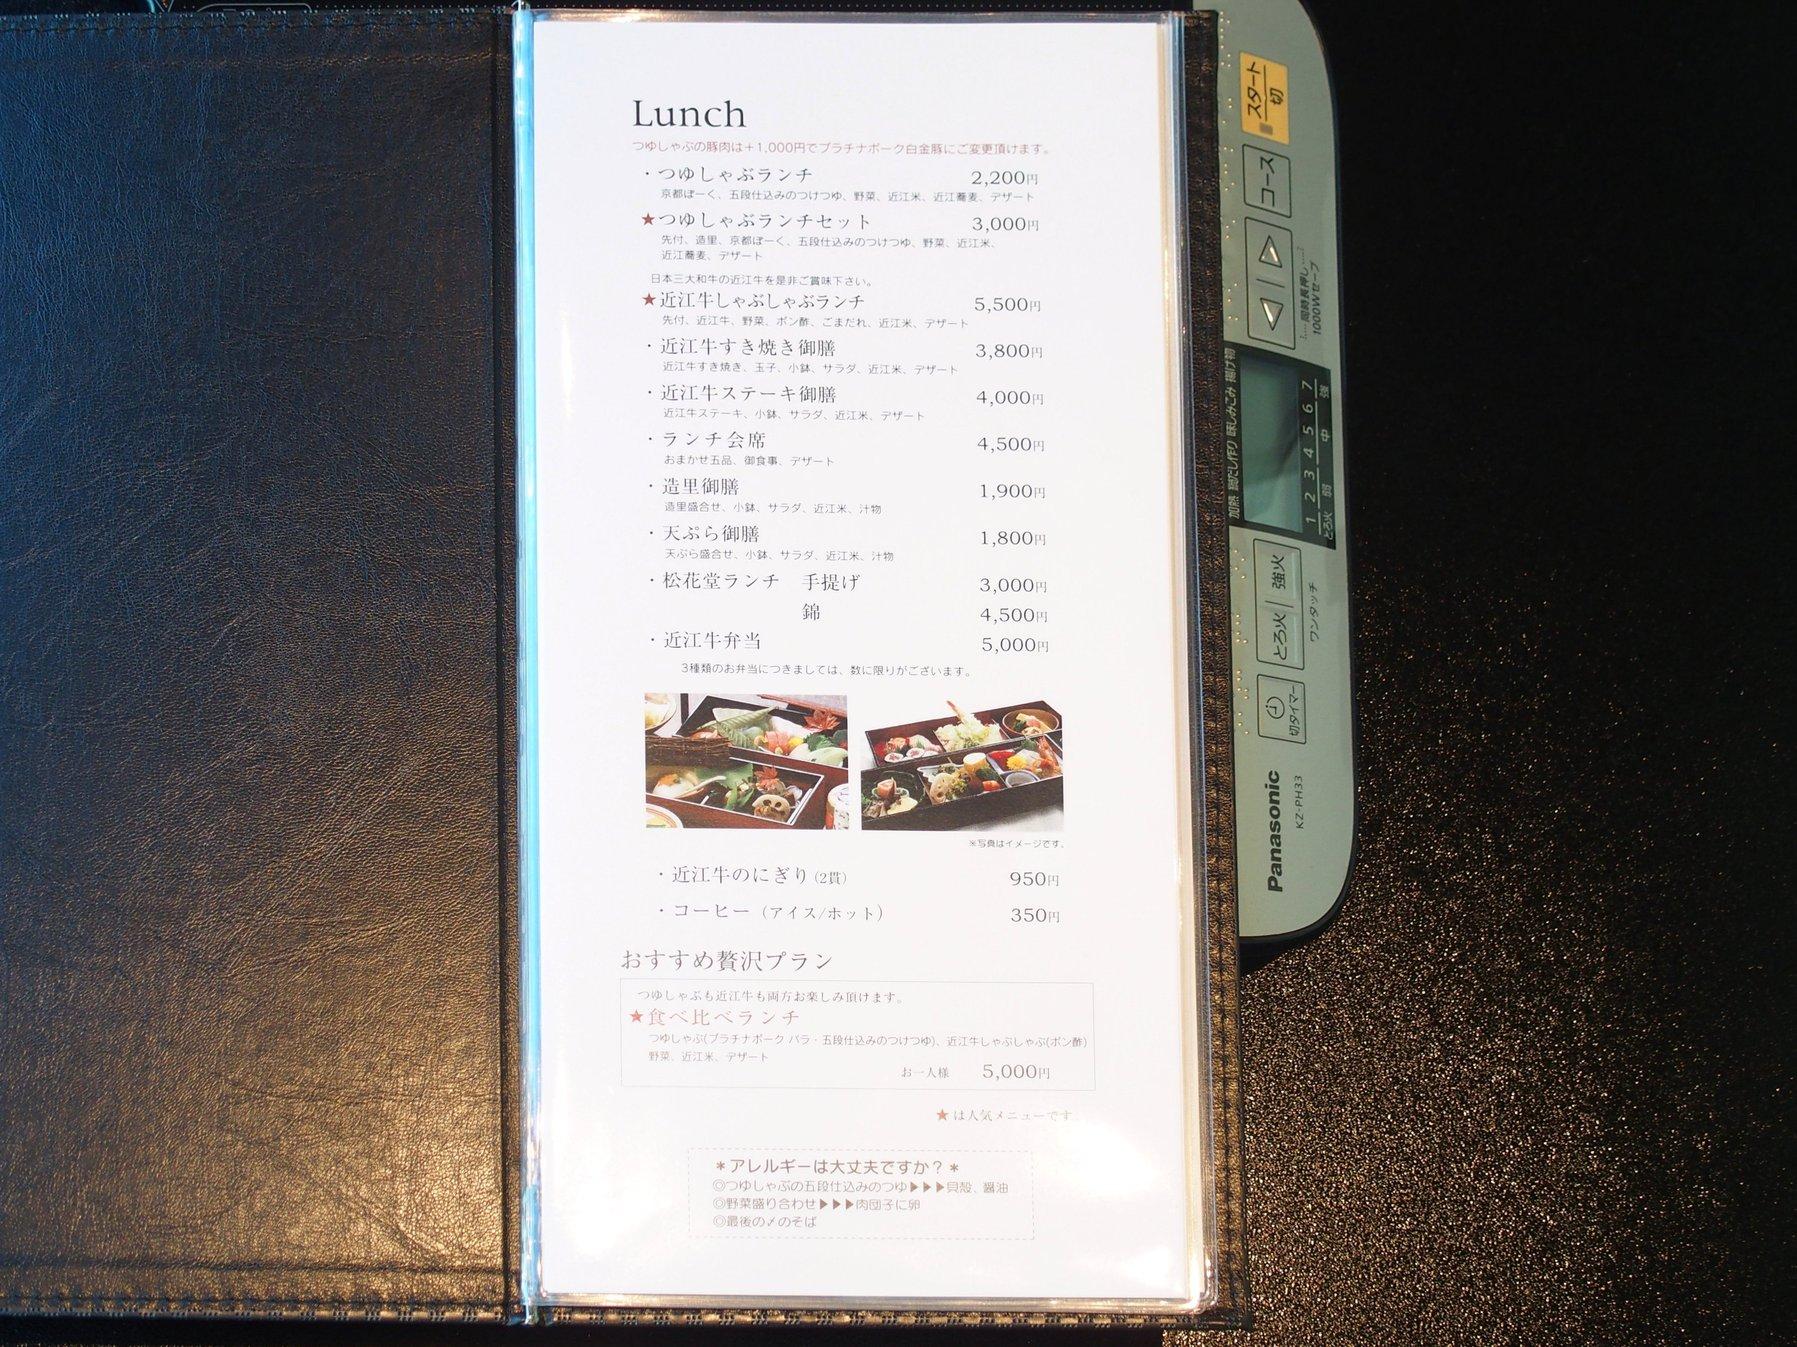 京都丸太町つゆしゃぶCHIRIRI 六本木店